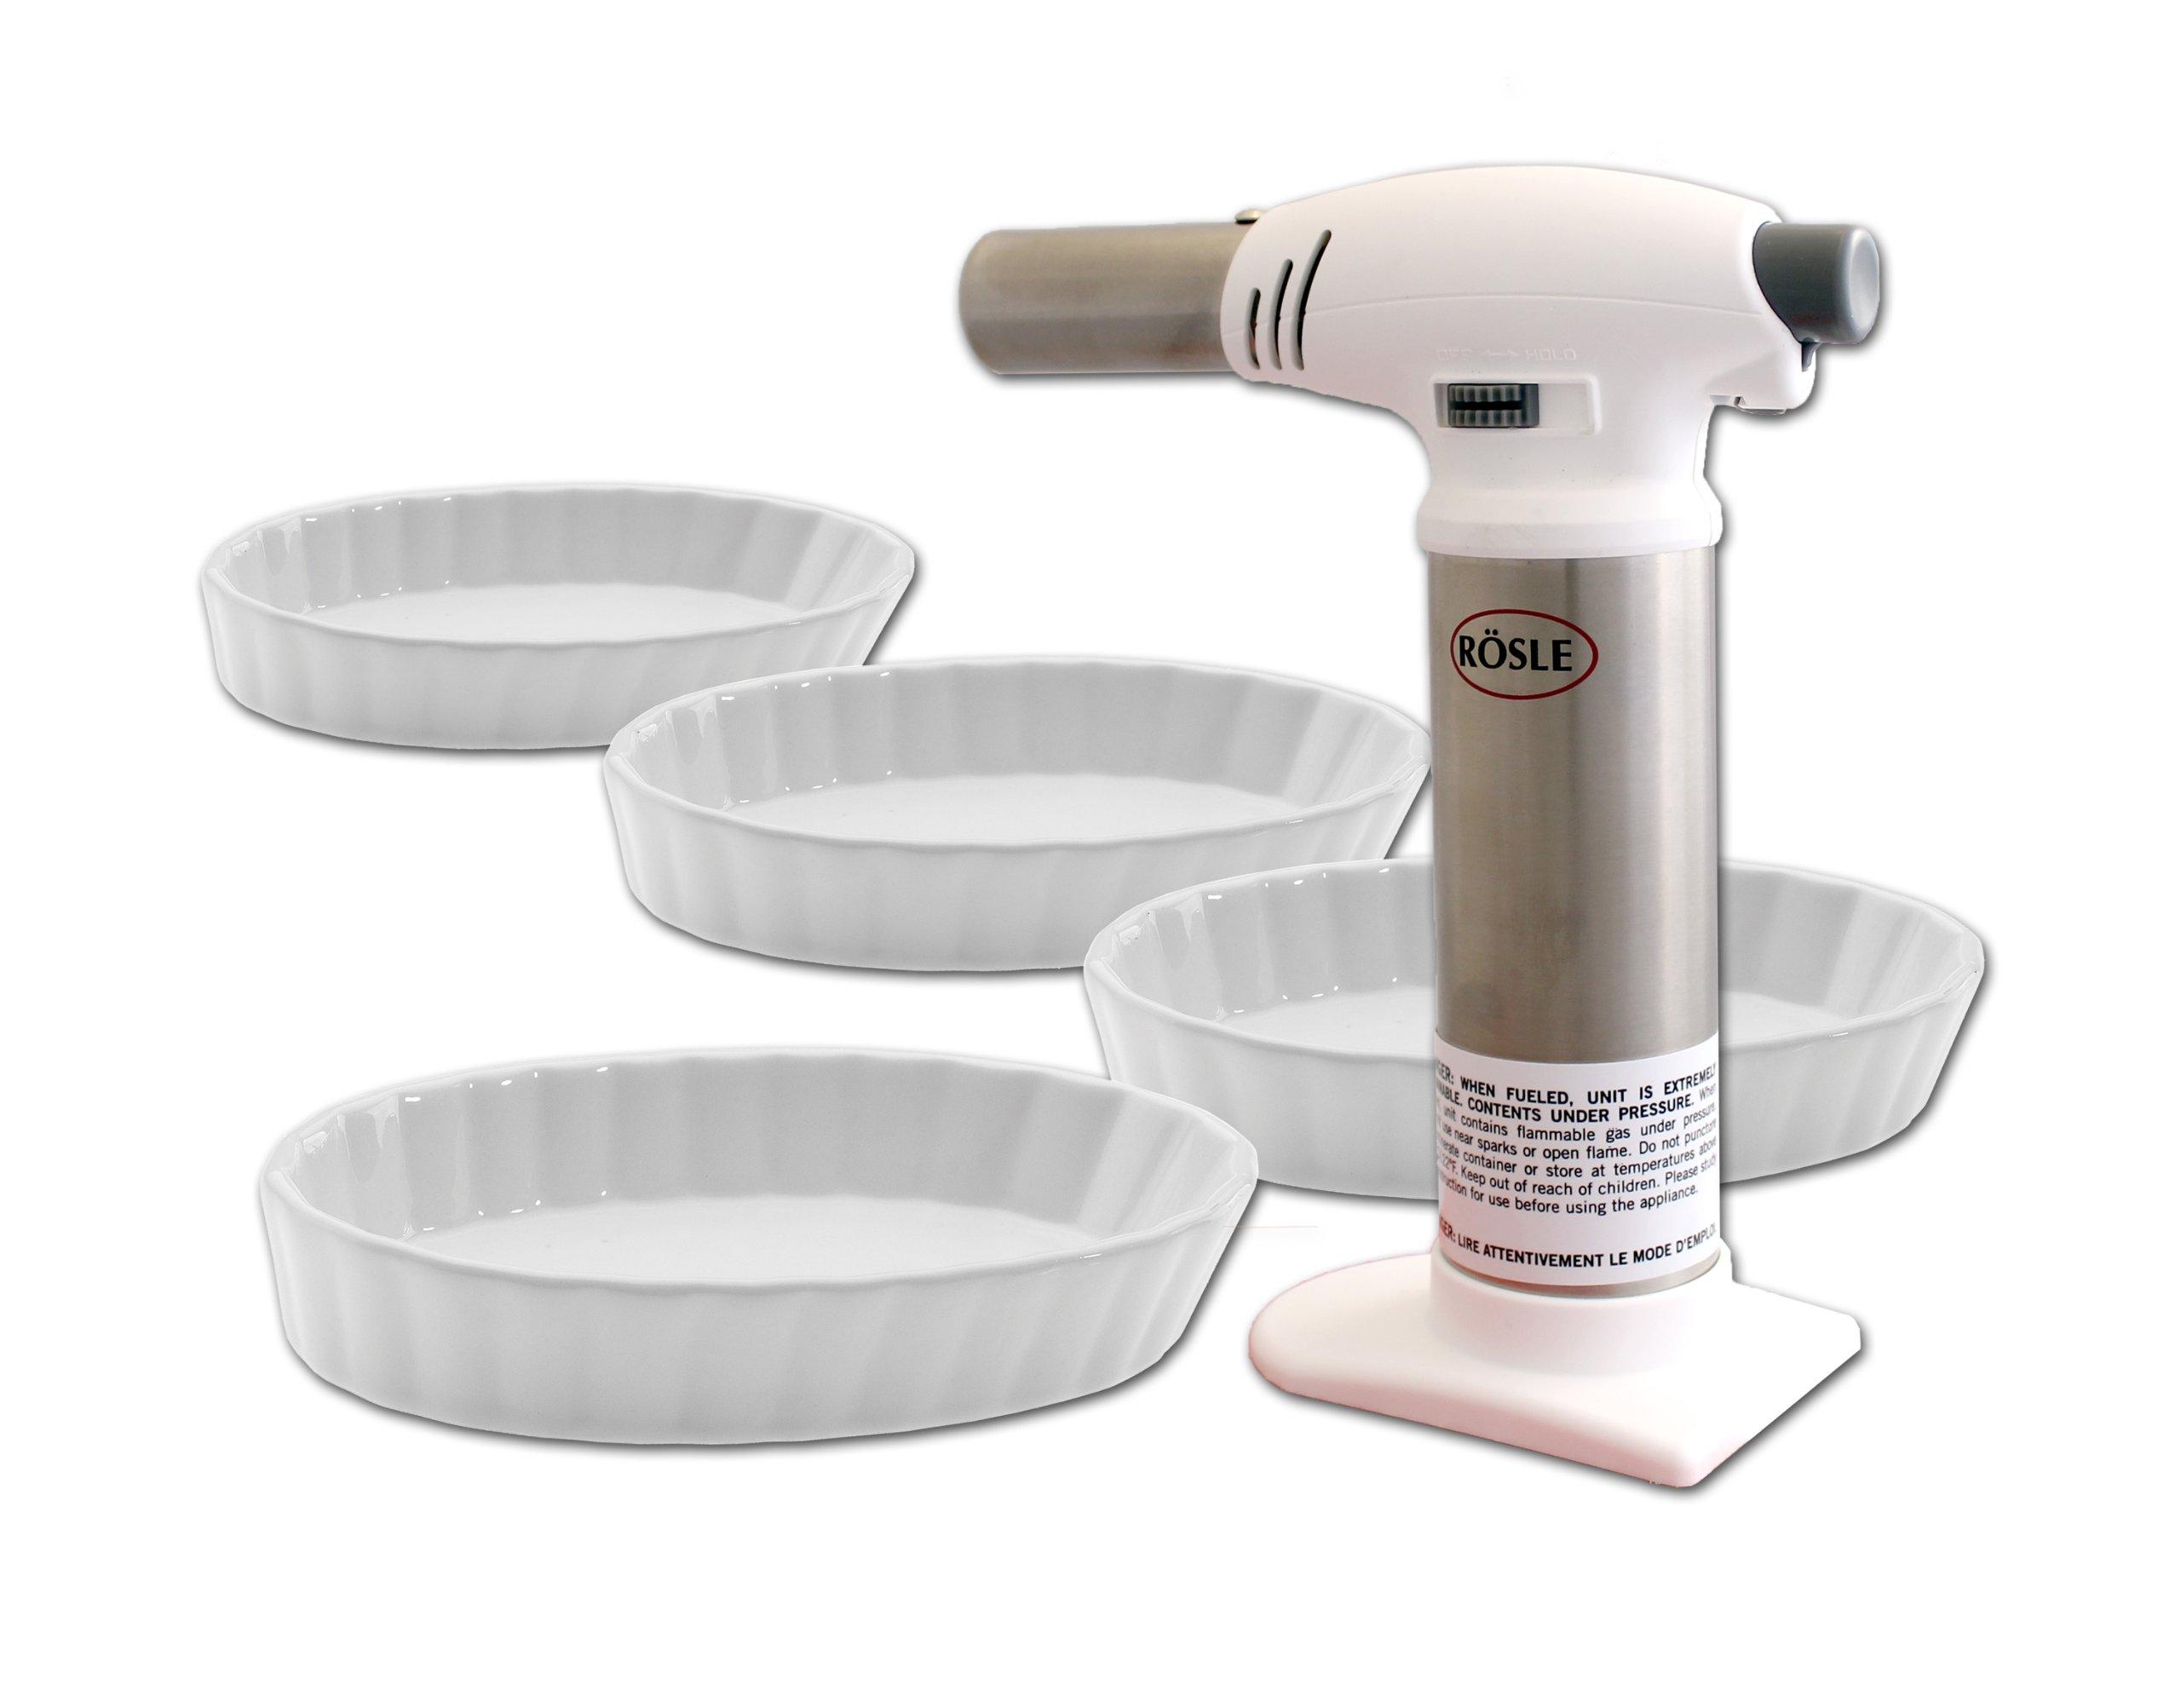 Rösle Crème Brûlée 5 Piece Set (Rösle Kitchen Torch + 4 Oval Crème Brûlée Dishes)